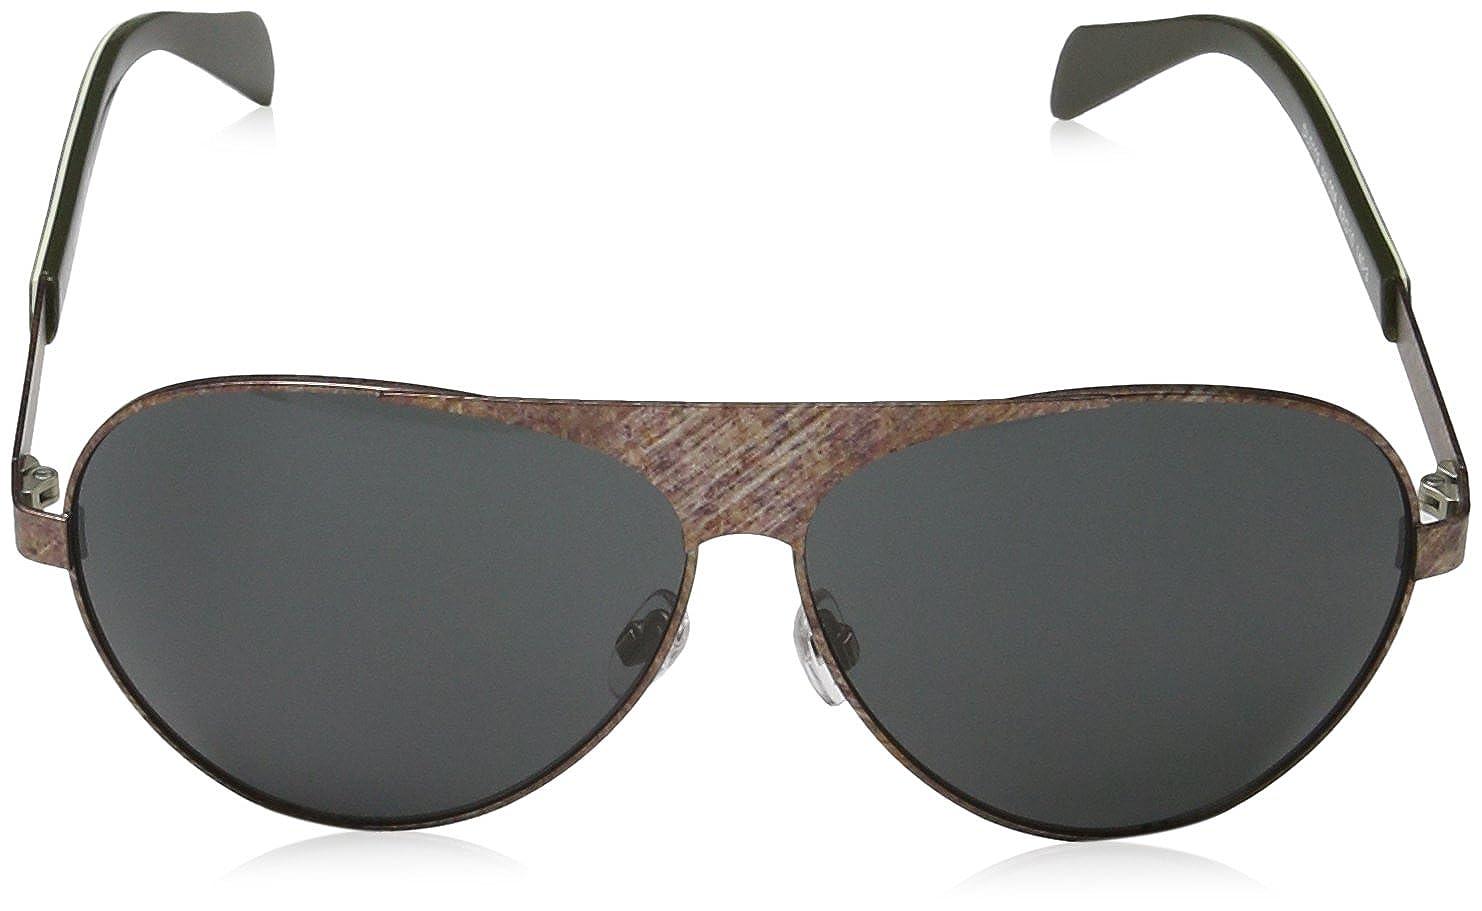 Diesel Unisex Sonnenbrille DL0119, Braun (Braun 09A), Medium